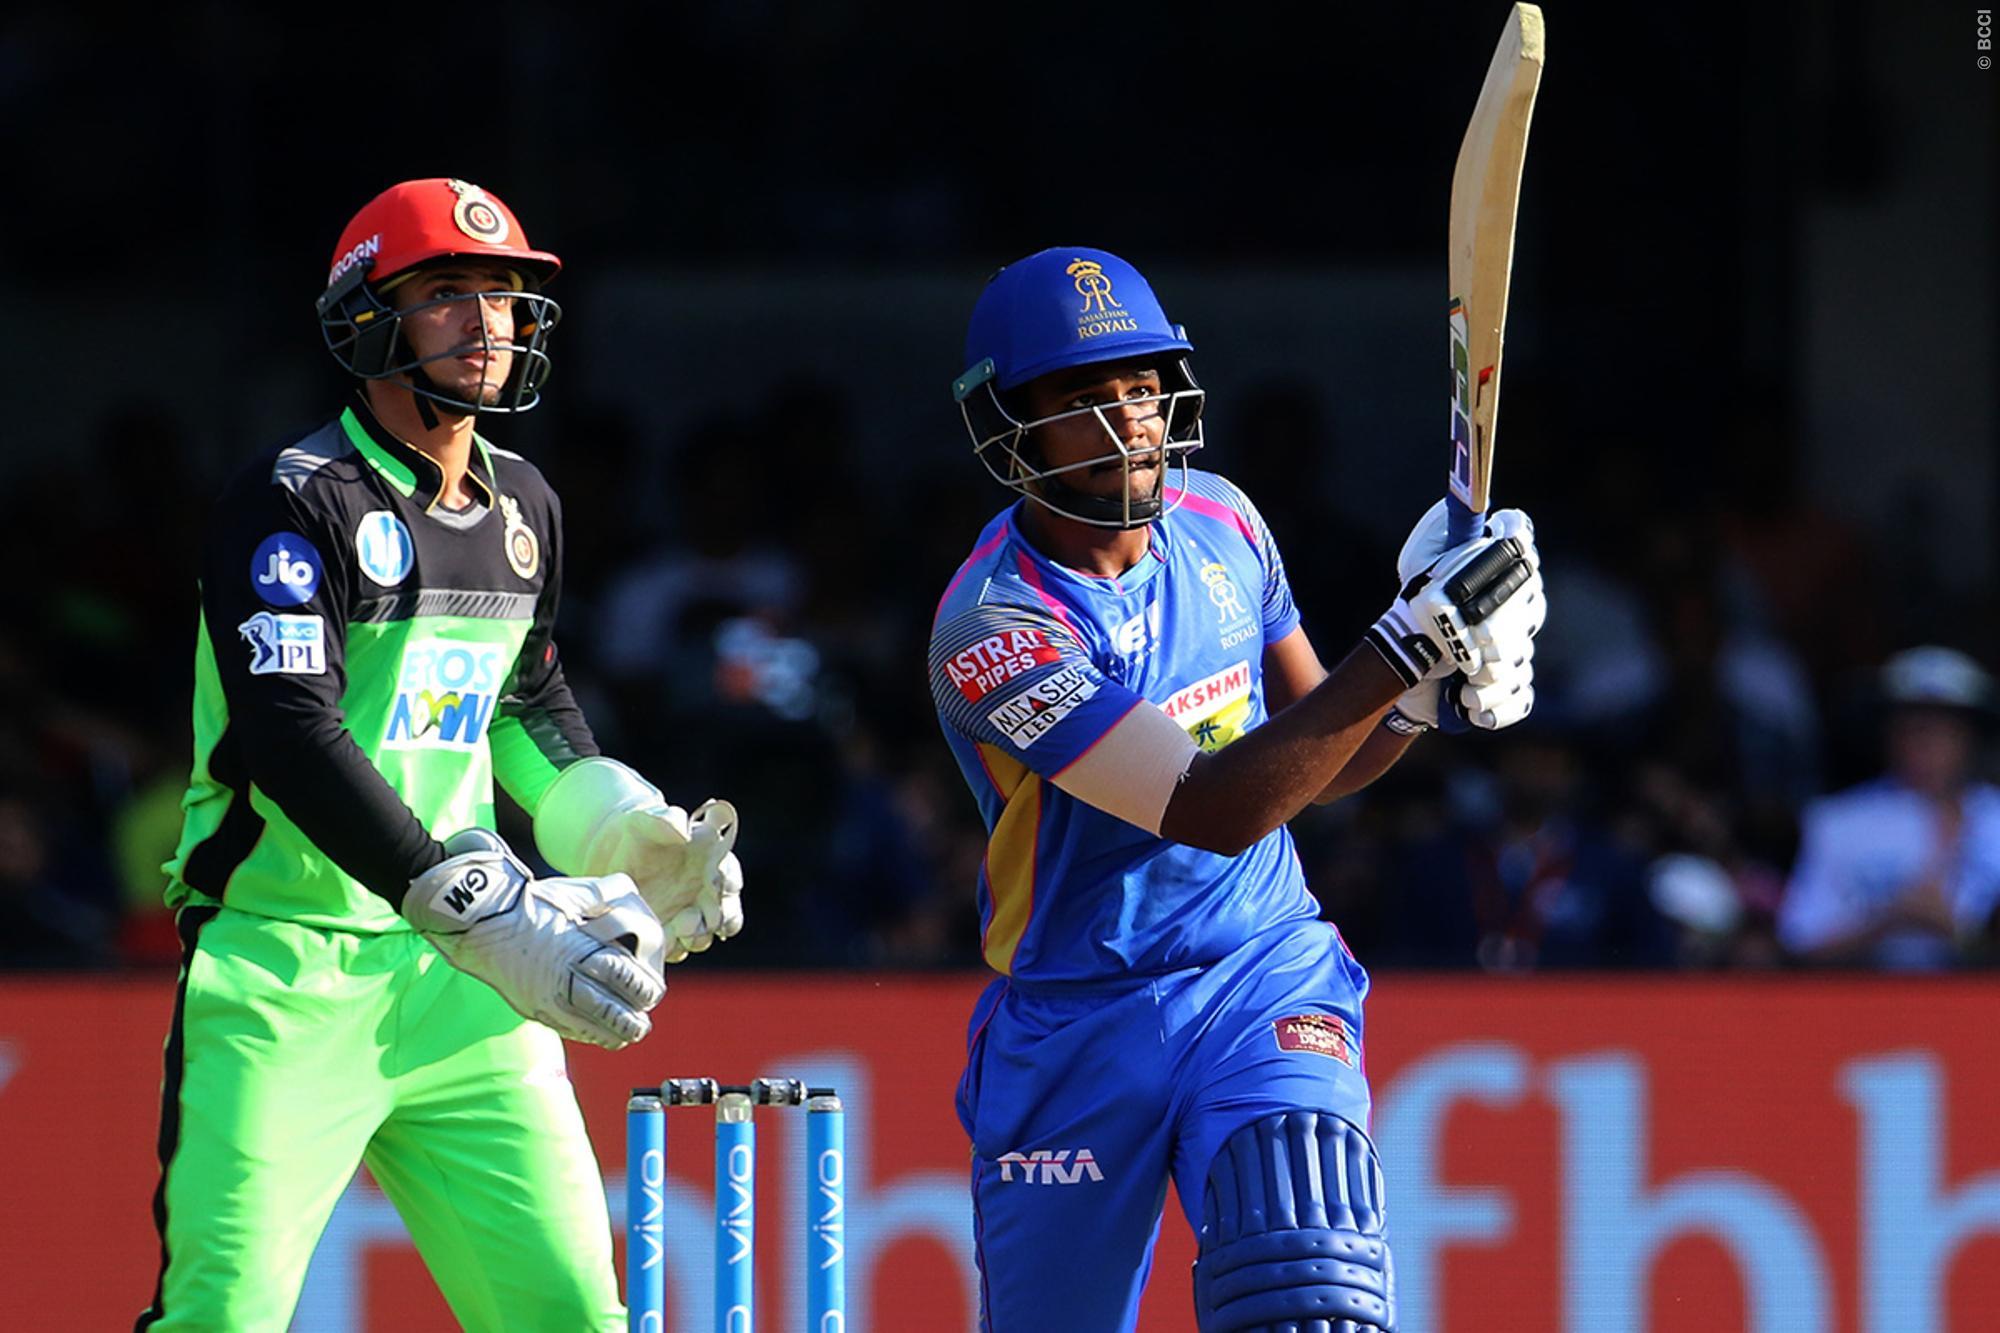 रहाणे और स्टोक्स नहीं, बल्कि अगर यह खिलाड़ी बन जाए कप्तान तो दिला सकता है राजस्थान को आईपीएल 41